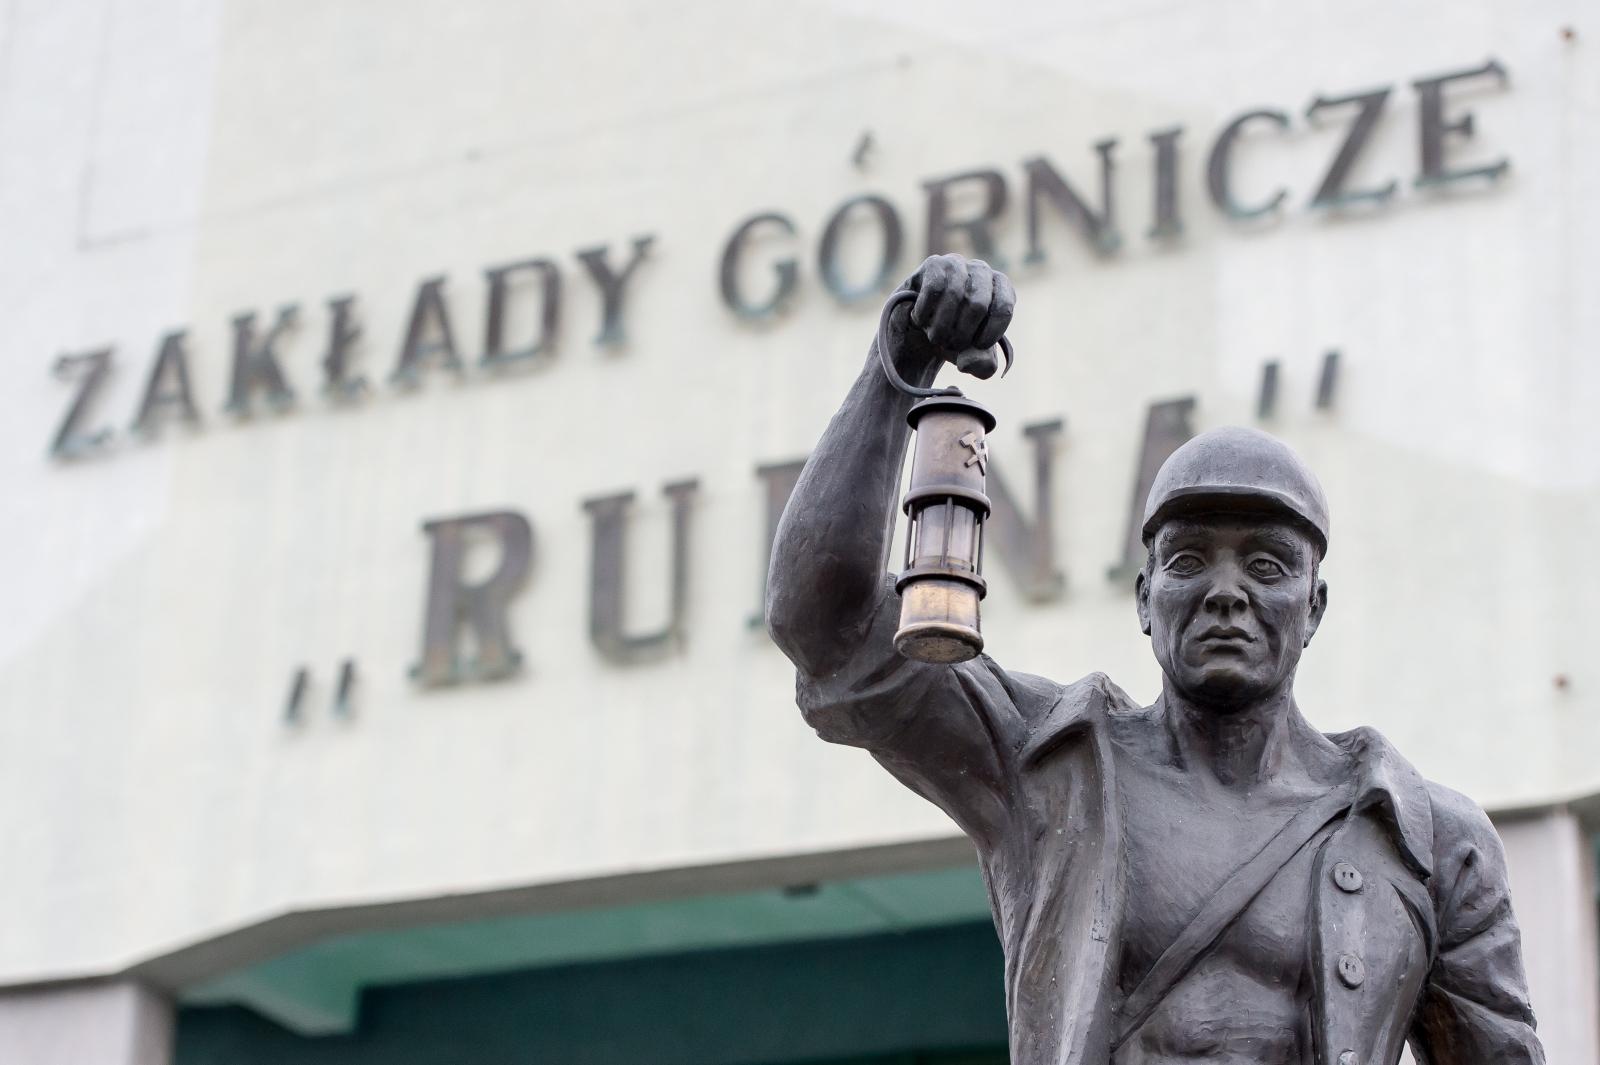 W należącej do KGHM kopalni Rudna w Polkowicach doszło wieczorem 29 listopada do silnego wstrząsu. Zginęło trzech górników. Sześœciu nadal jest poszukiwanych. Fot. PAP/Maciej Kulczyński